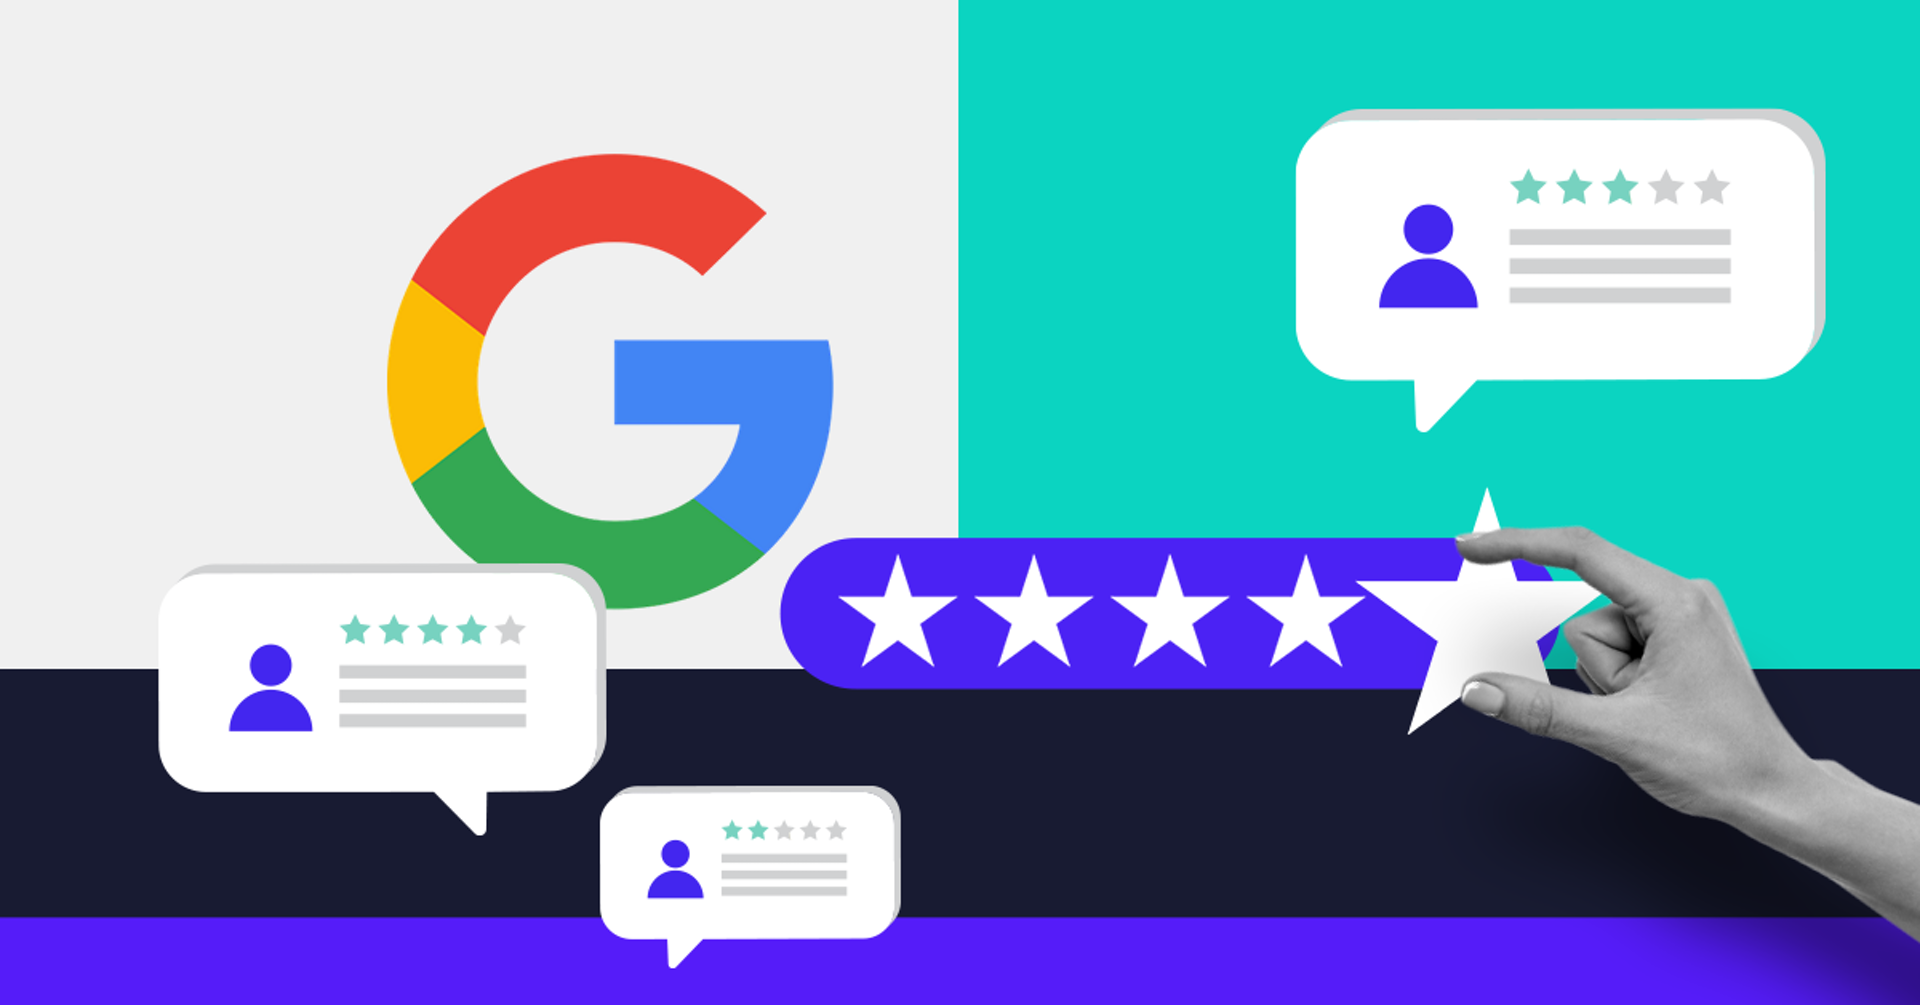 ¿Para qué sirven las reseñas de Google y por qué les debes prestar atención?